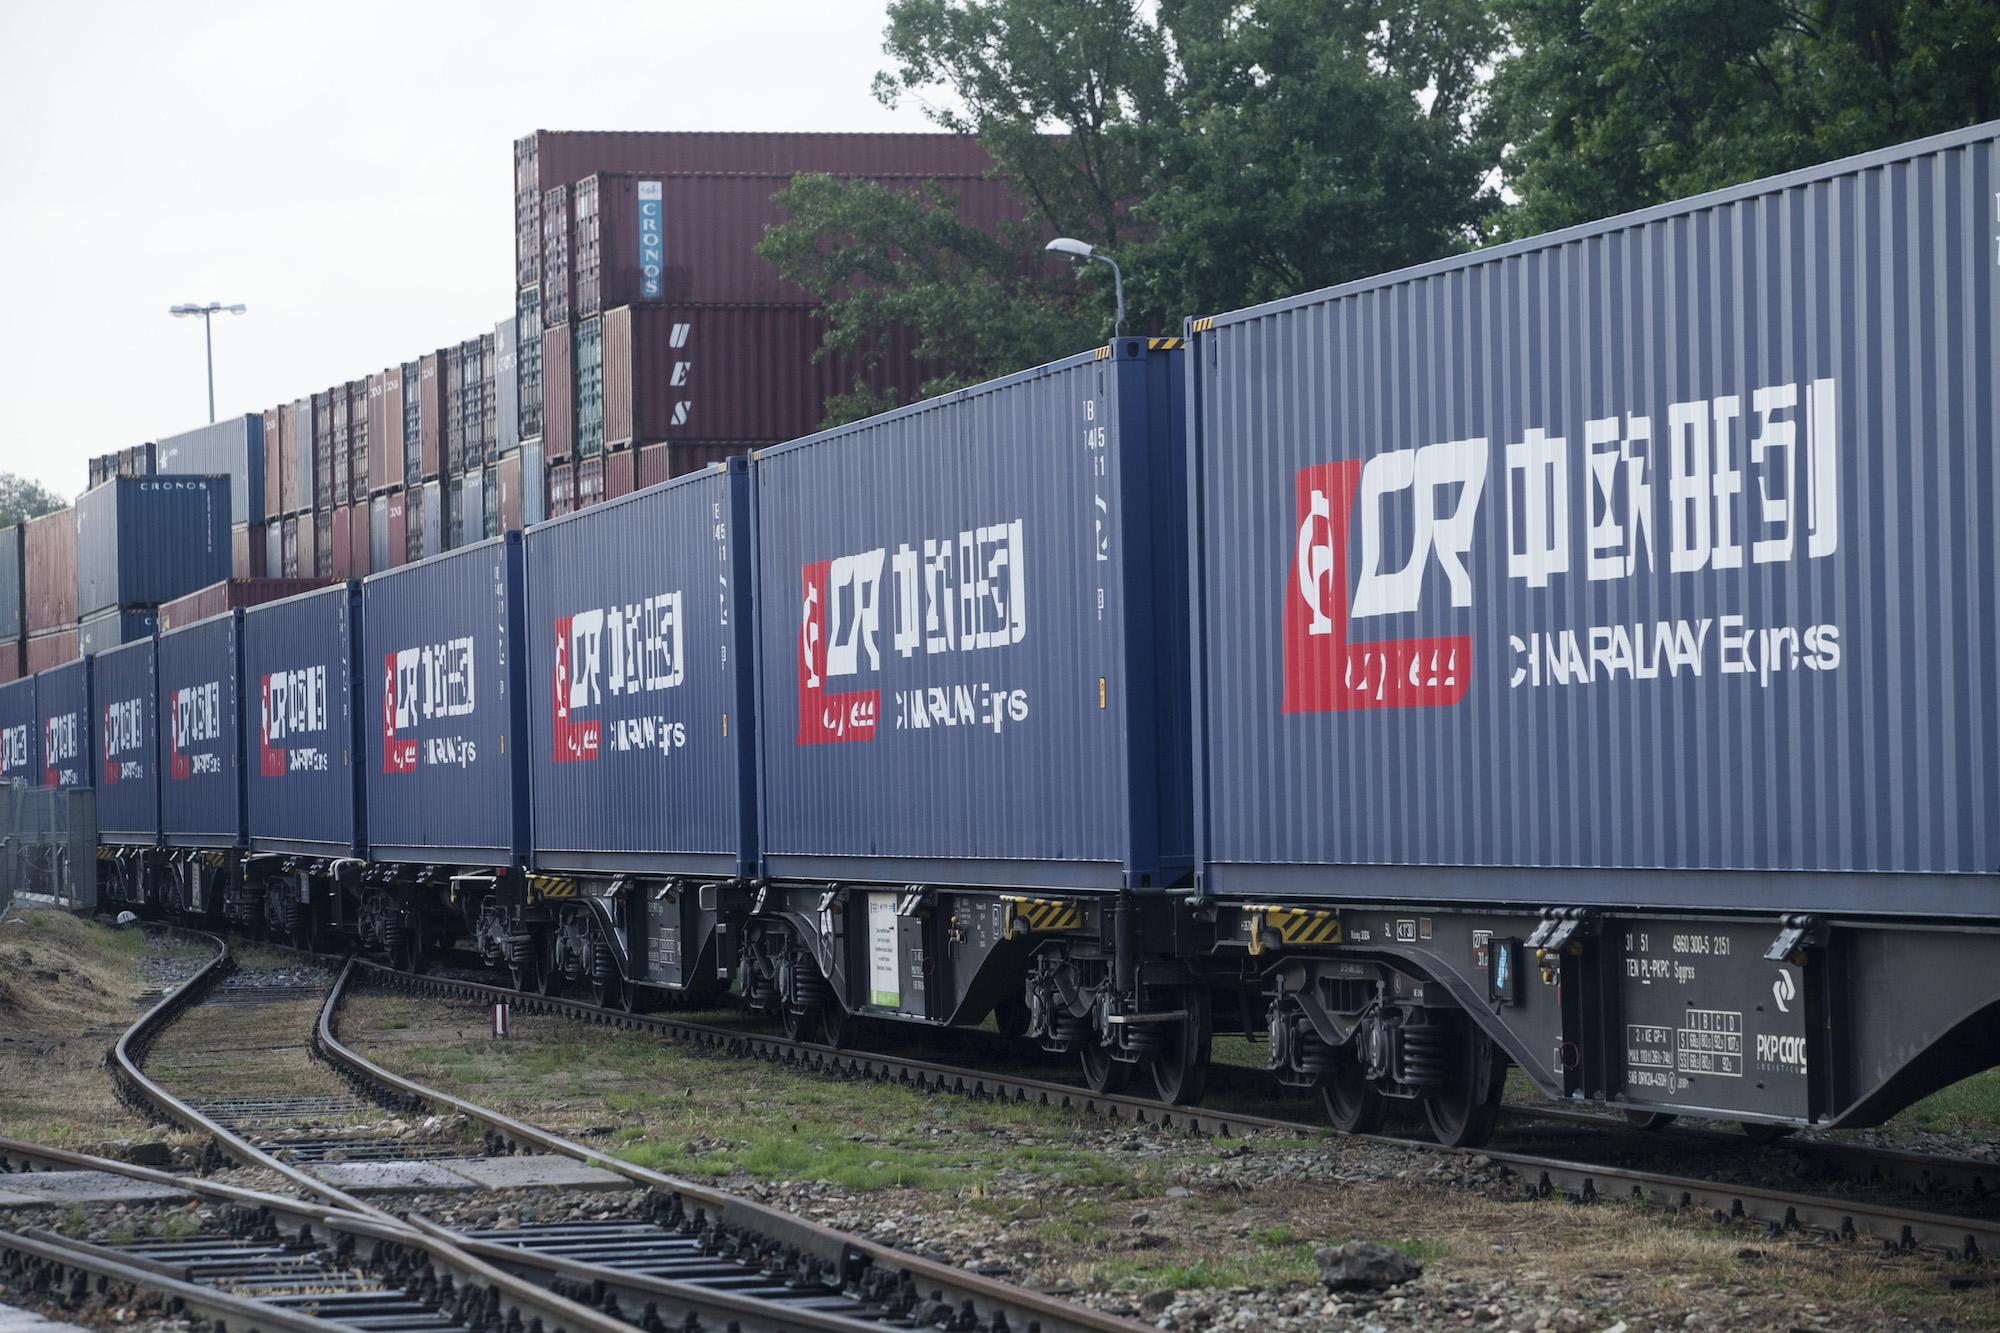 Trwa międzynarodowa konkurencja o to, które z państw członkowskich Unii Europejskiej stanie się głównym hubem lądowym dla towarów z Chin.